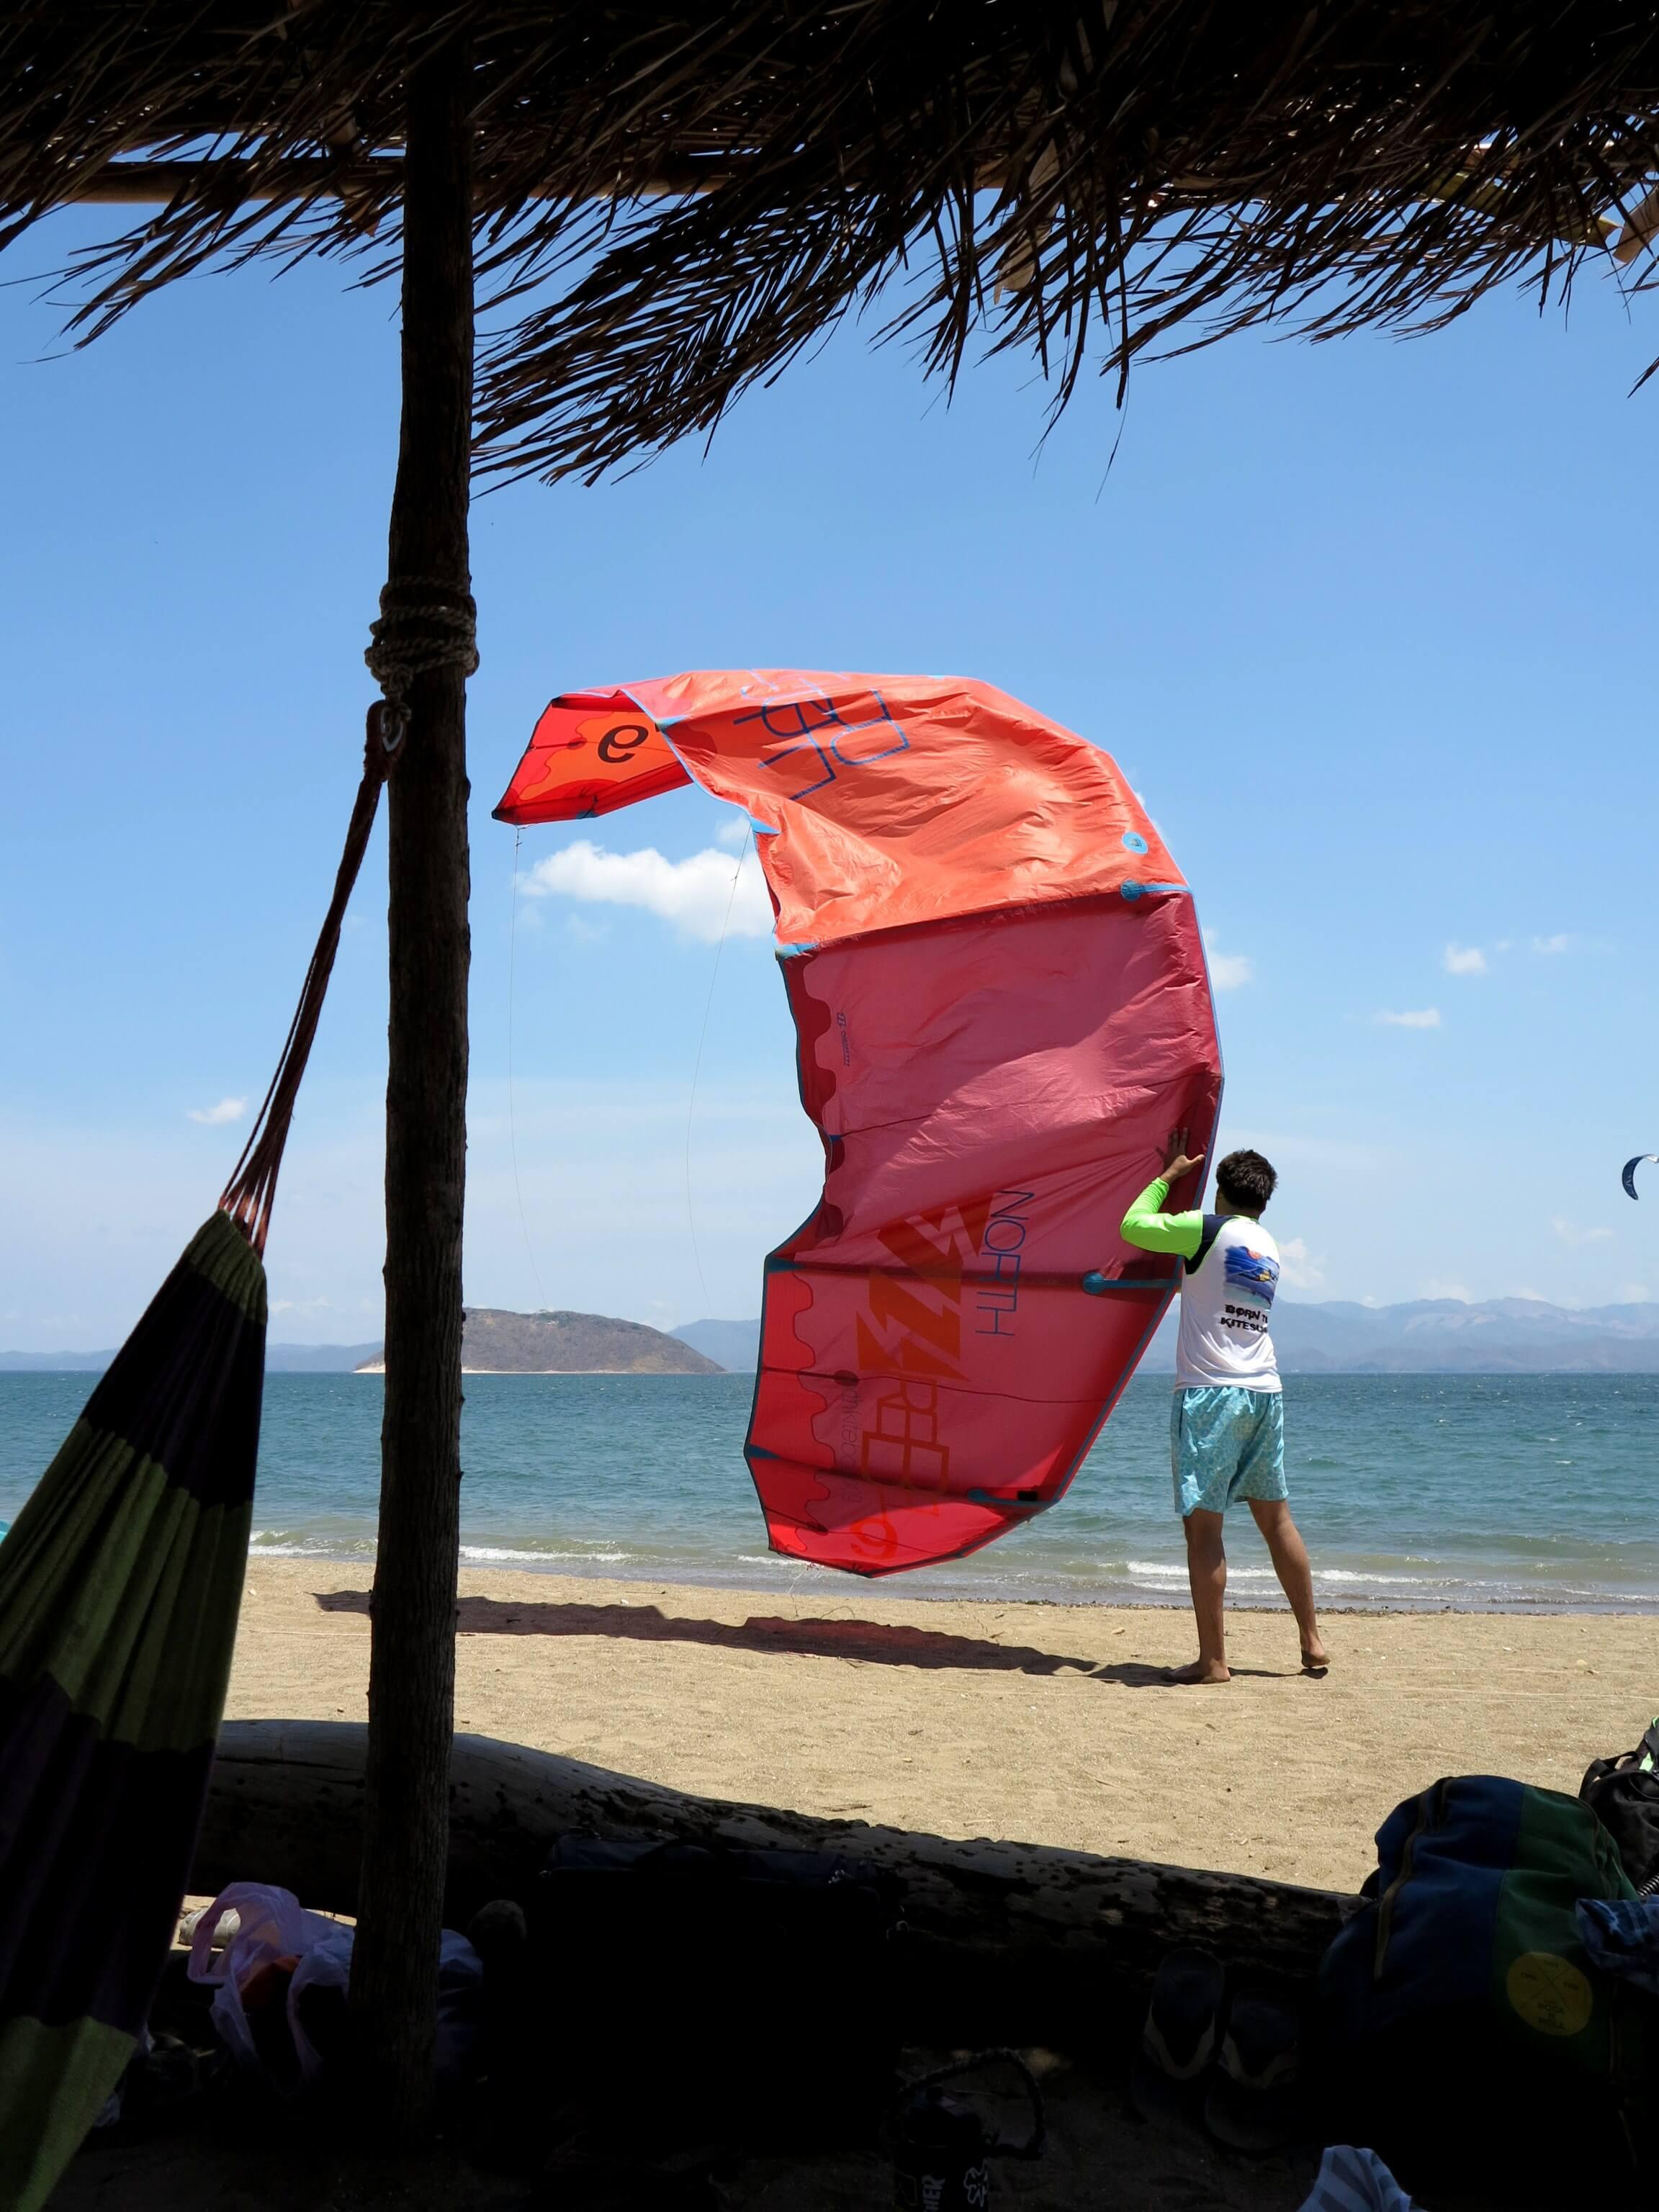 Da können selbst Anfänger schon im Einsatz sein - Starten und Landen des Kites